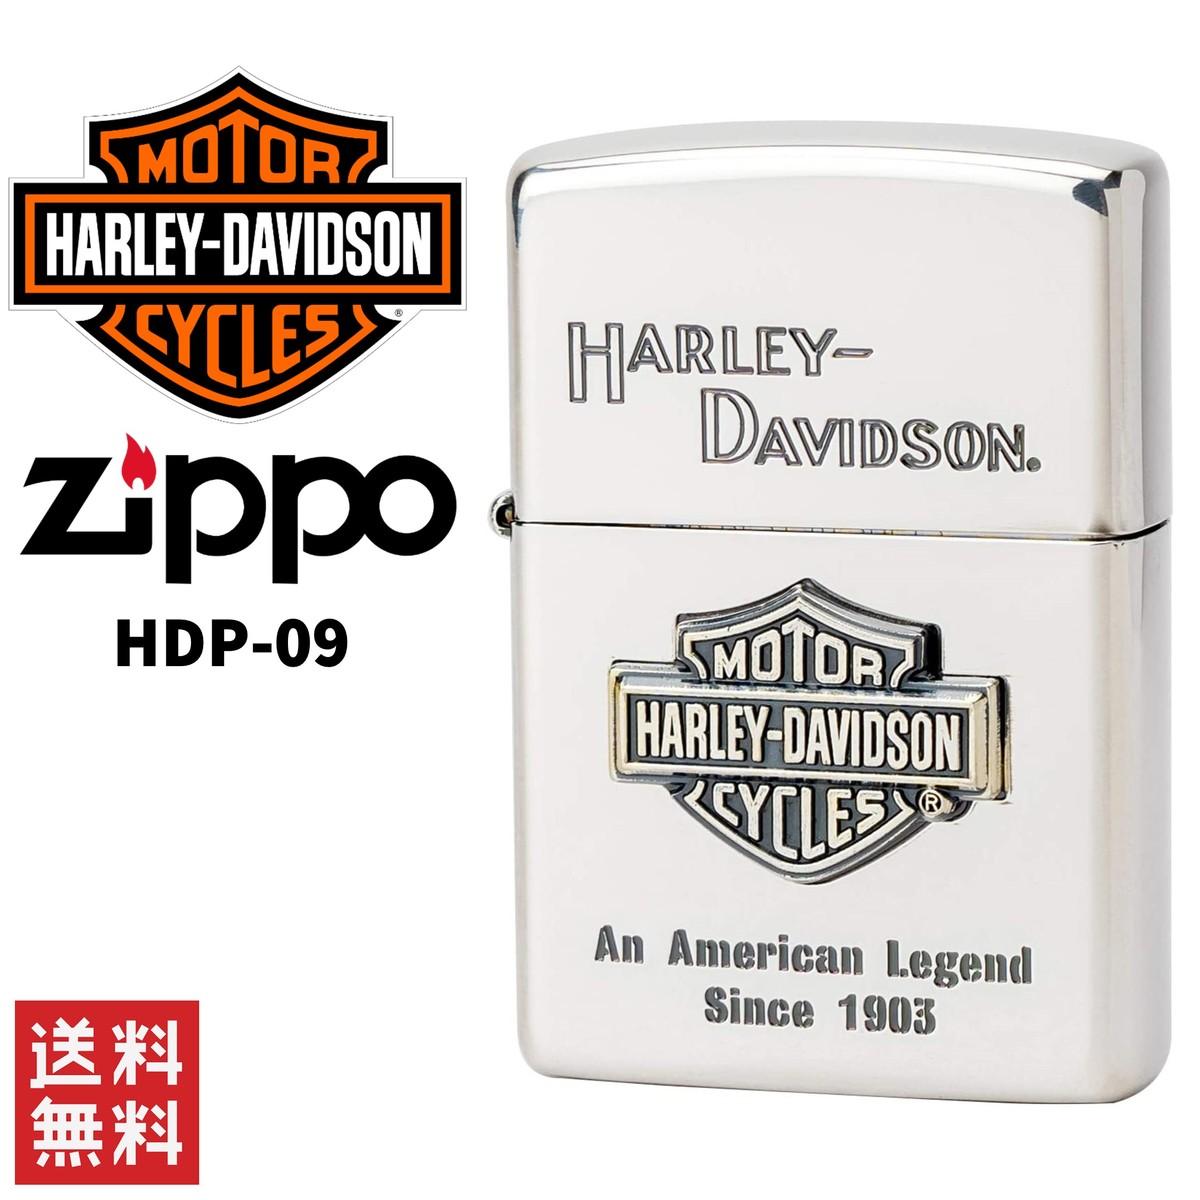 日本限定モデル 送料無料 ブランド品 Harley Davidson ハーレー ダビッドソン ZIPPO シルバー 日本限定 喫煙具 HDP-09 ジッポー ライター 与え